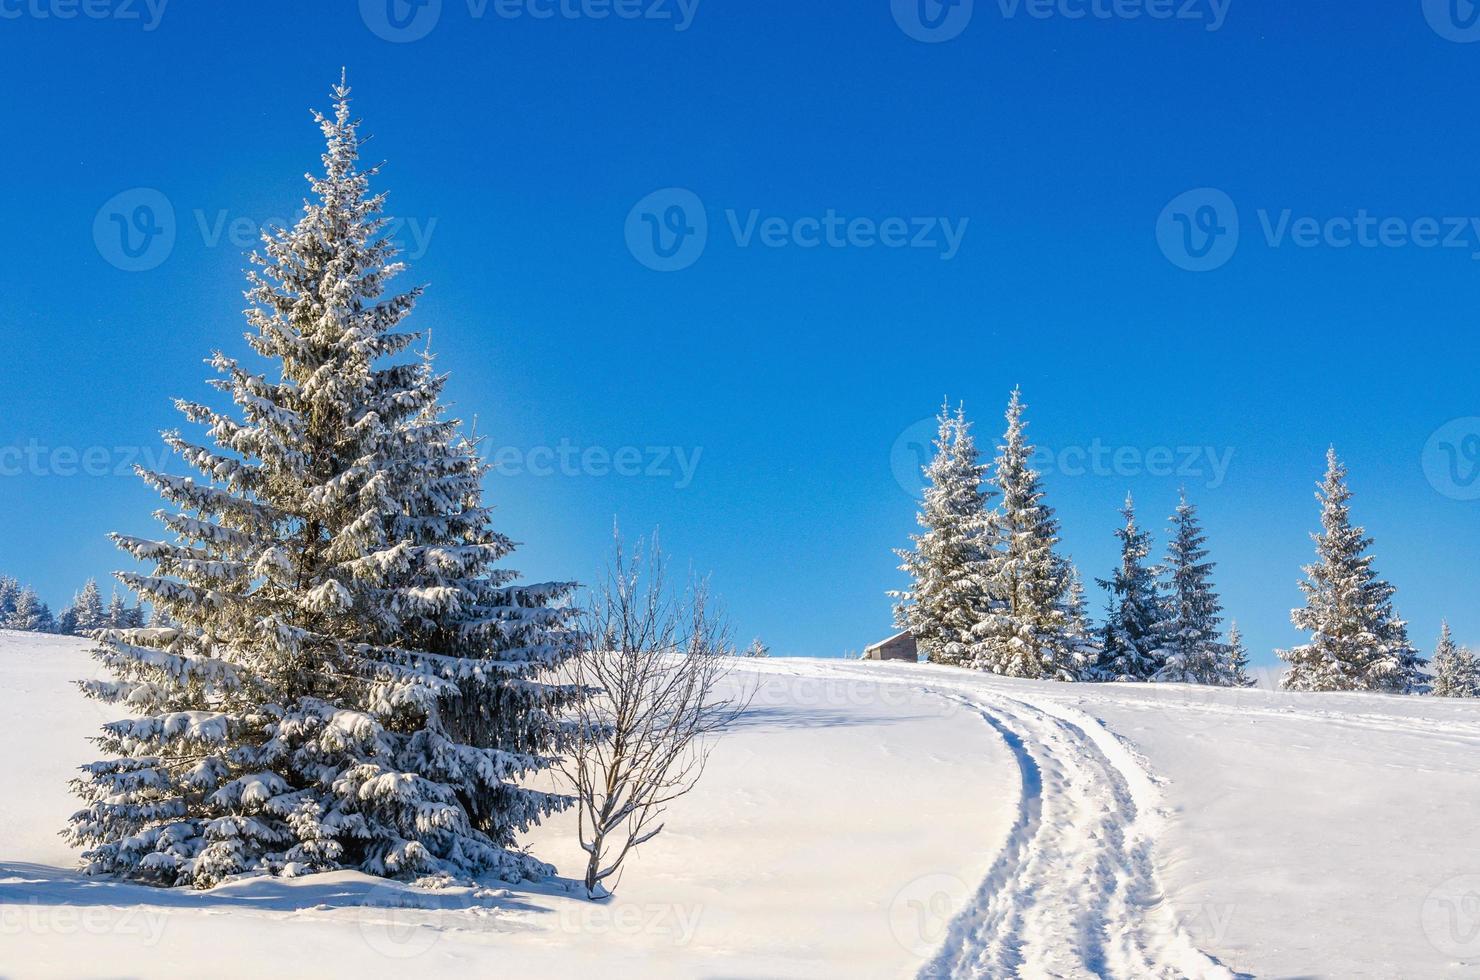 sagovinterlandskap med snötäckta träd foto